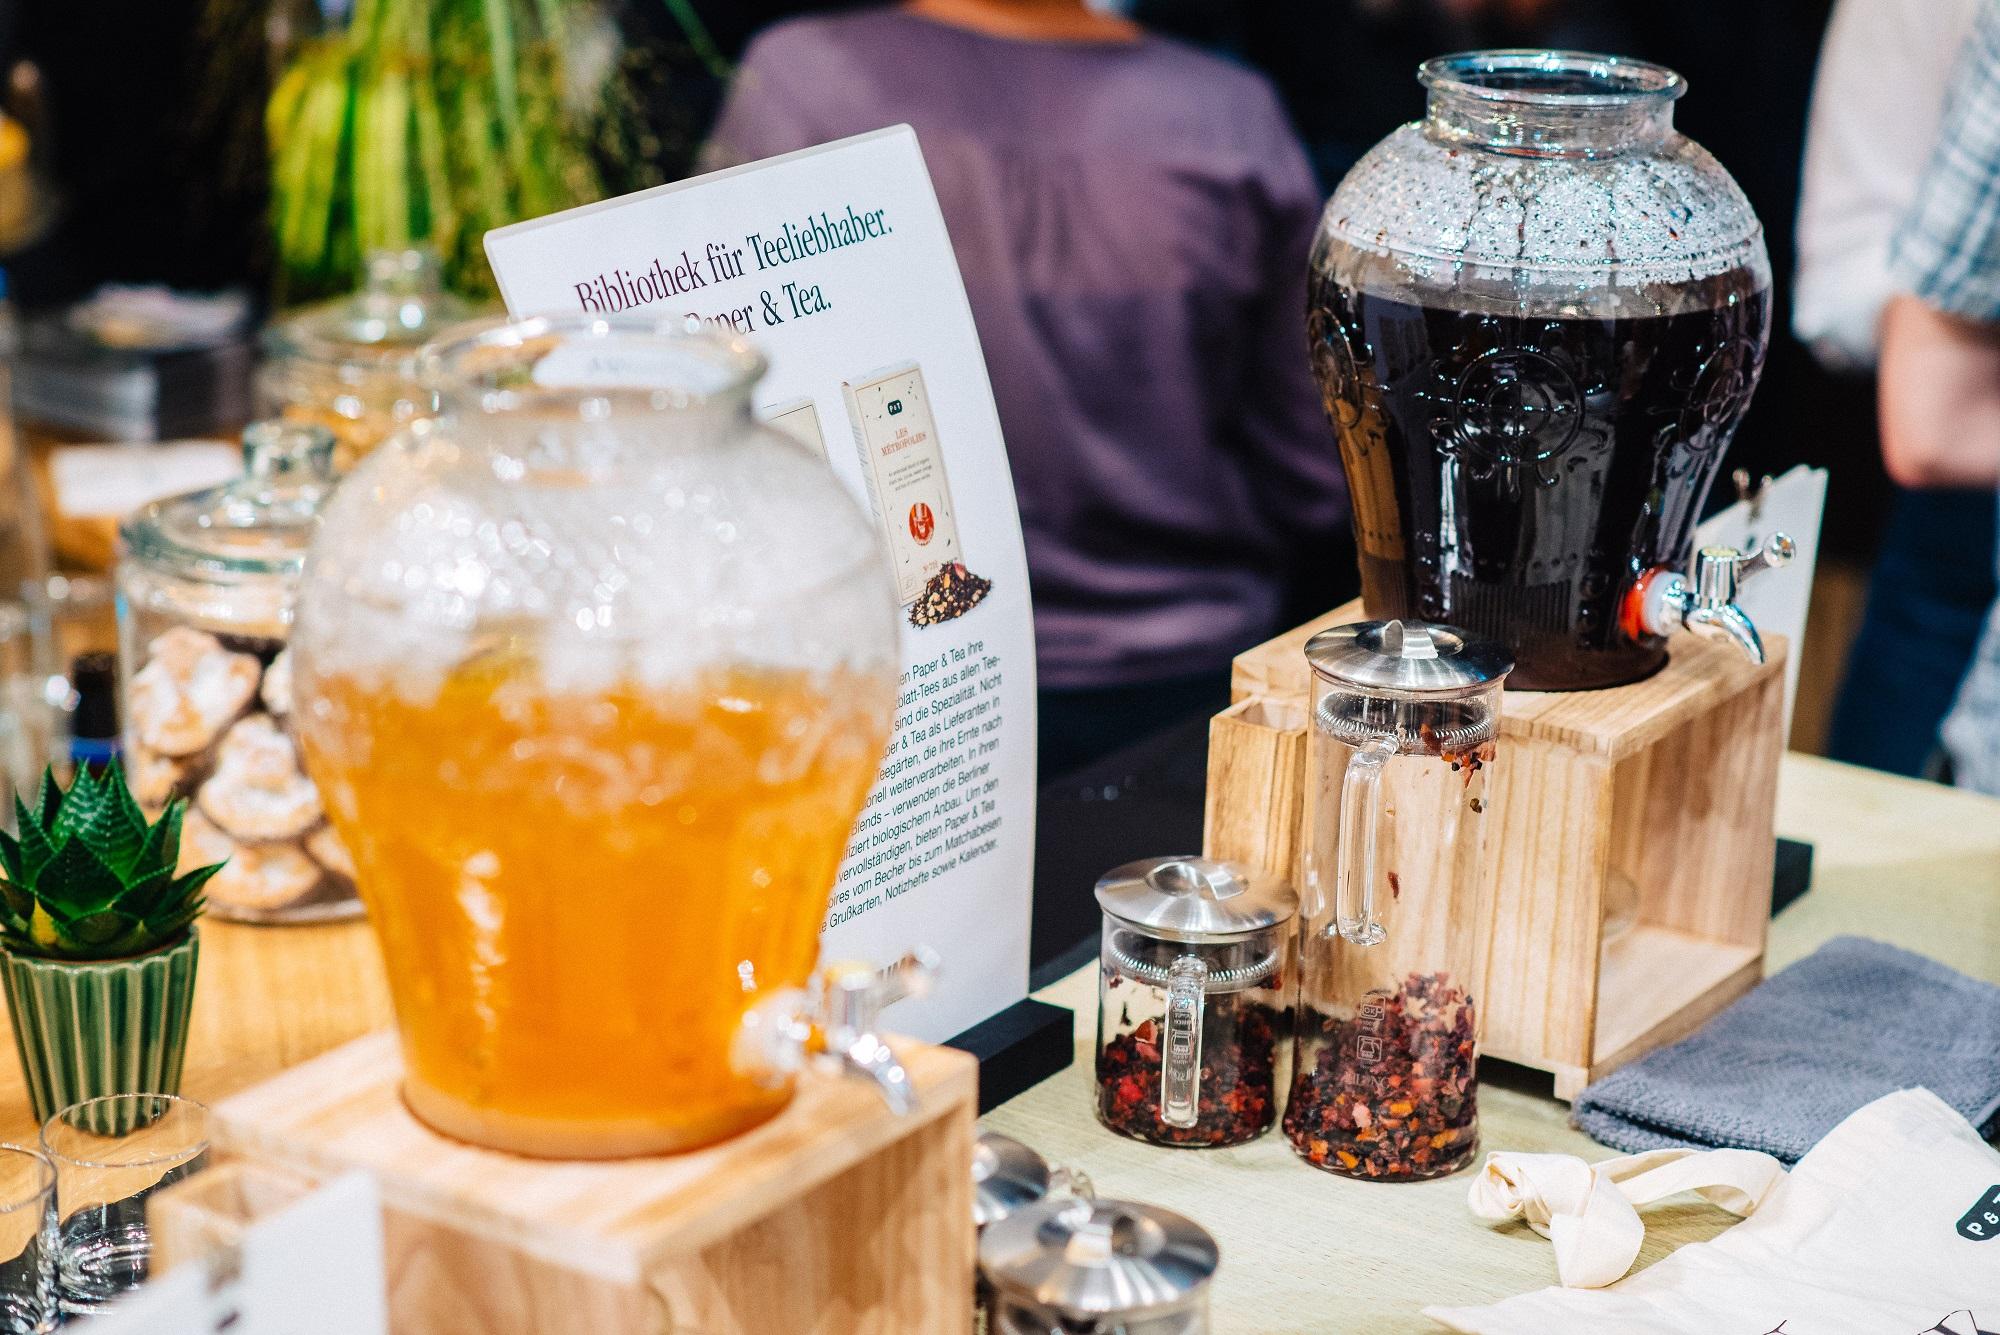 Habt ihr schon mal kalt aufgebrühten Tee probiert? (c) Jonas Ginter